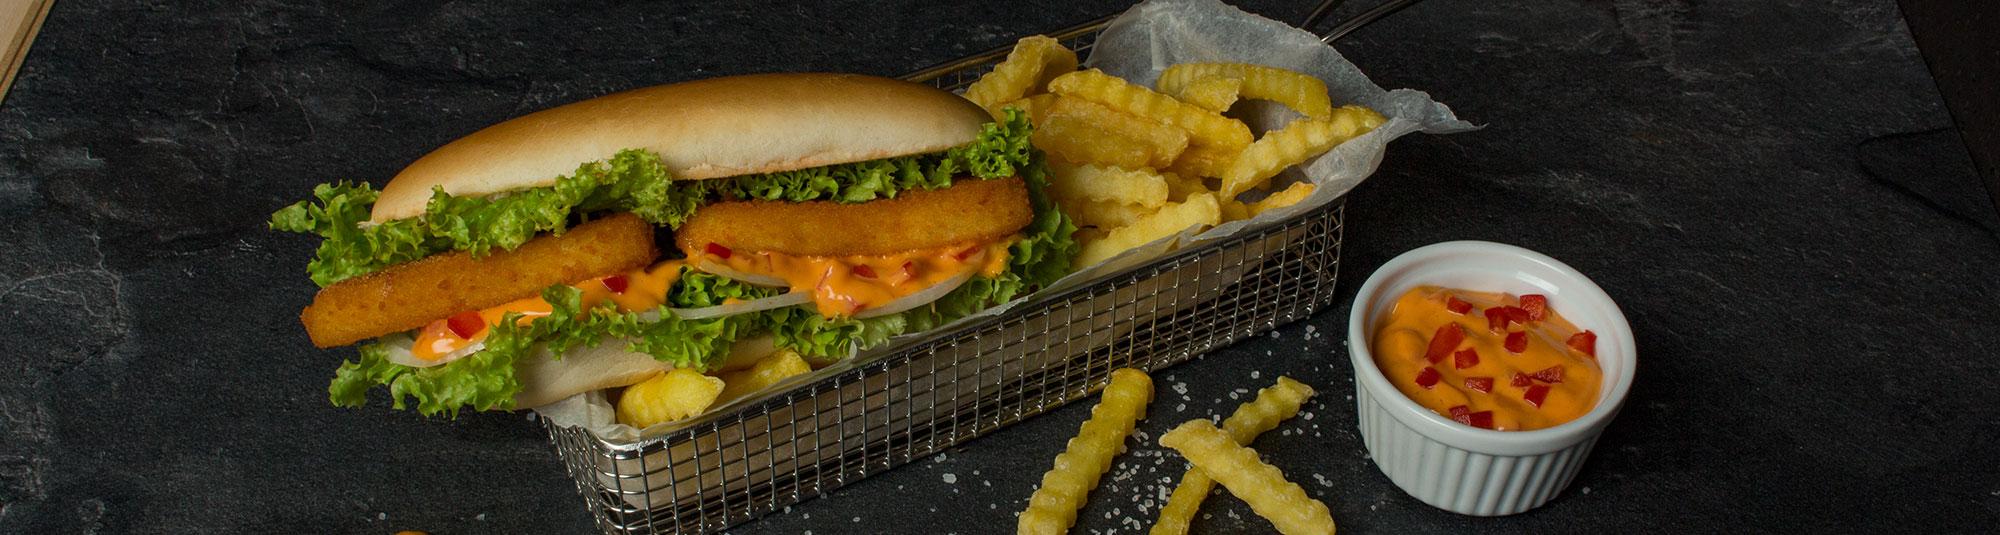 Iglo Fischstäbchen Hot Dog mit Cocktail Sauce